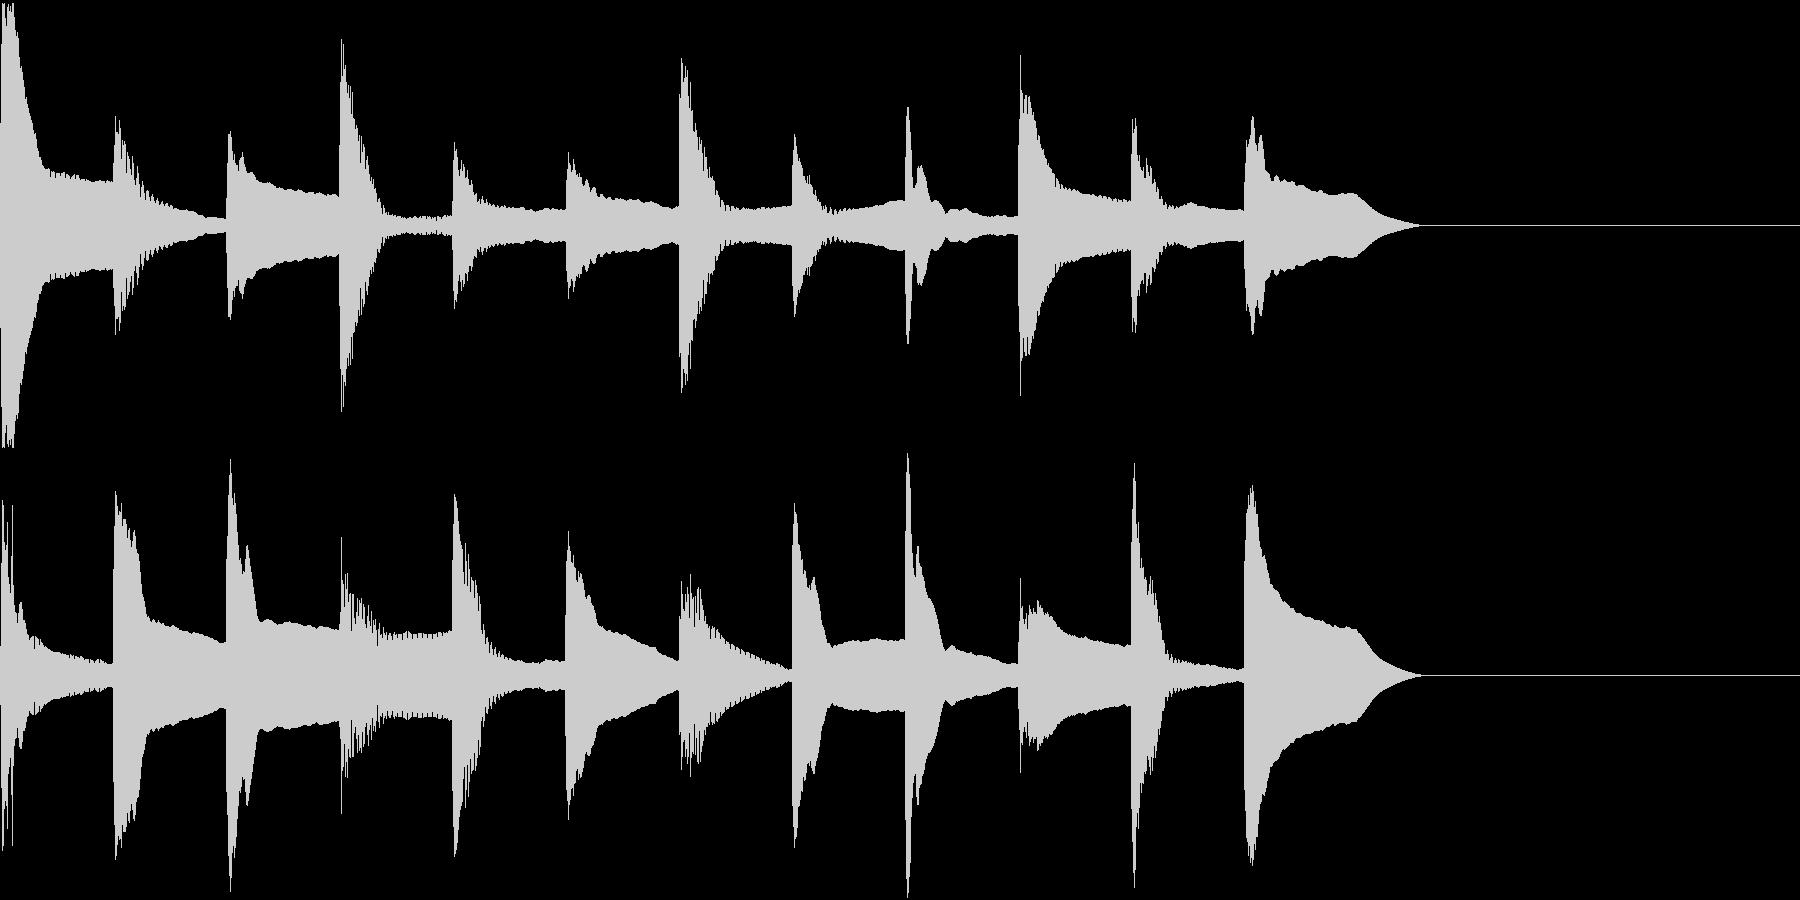 着信音 ループ お知らせ 通知 1の未再生の波形